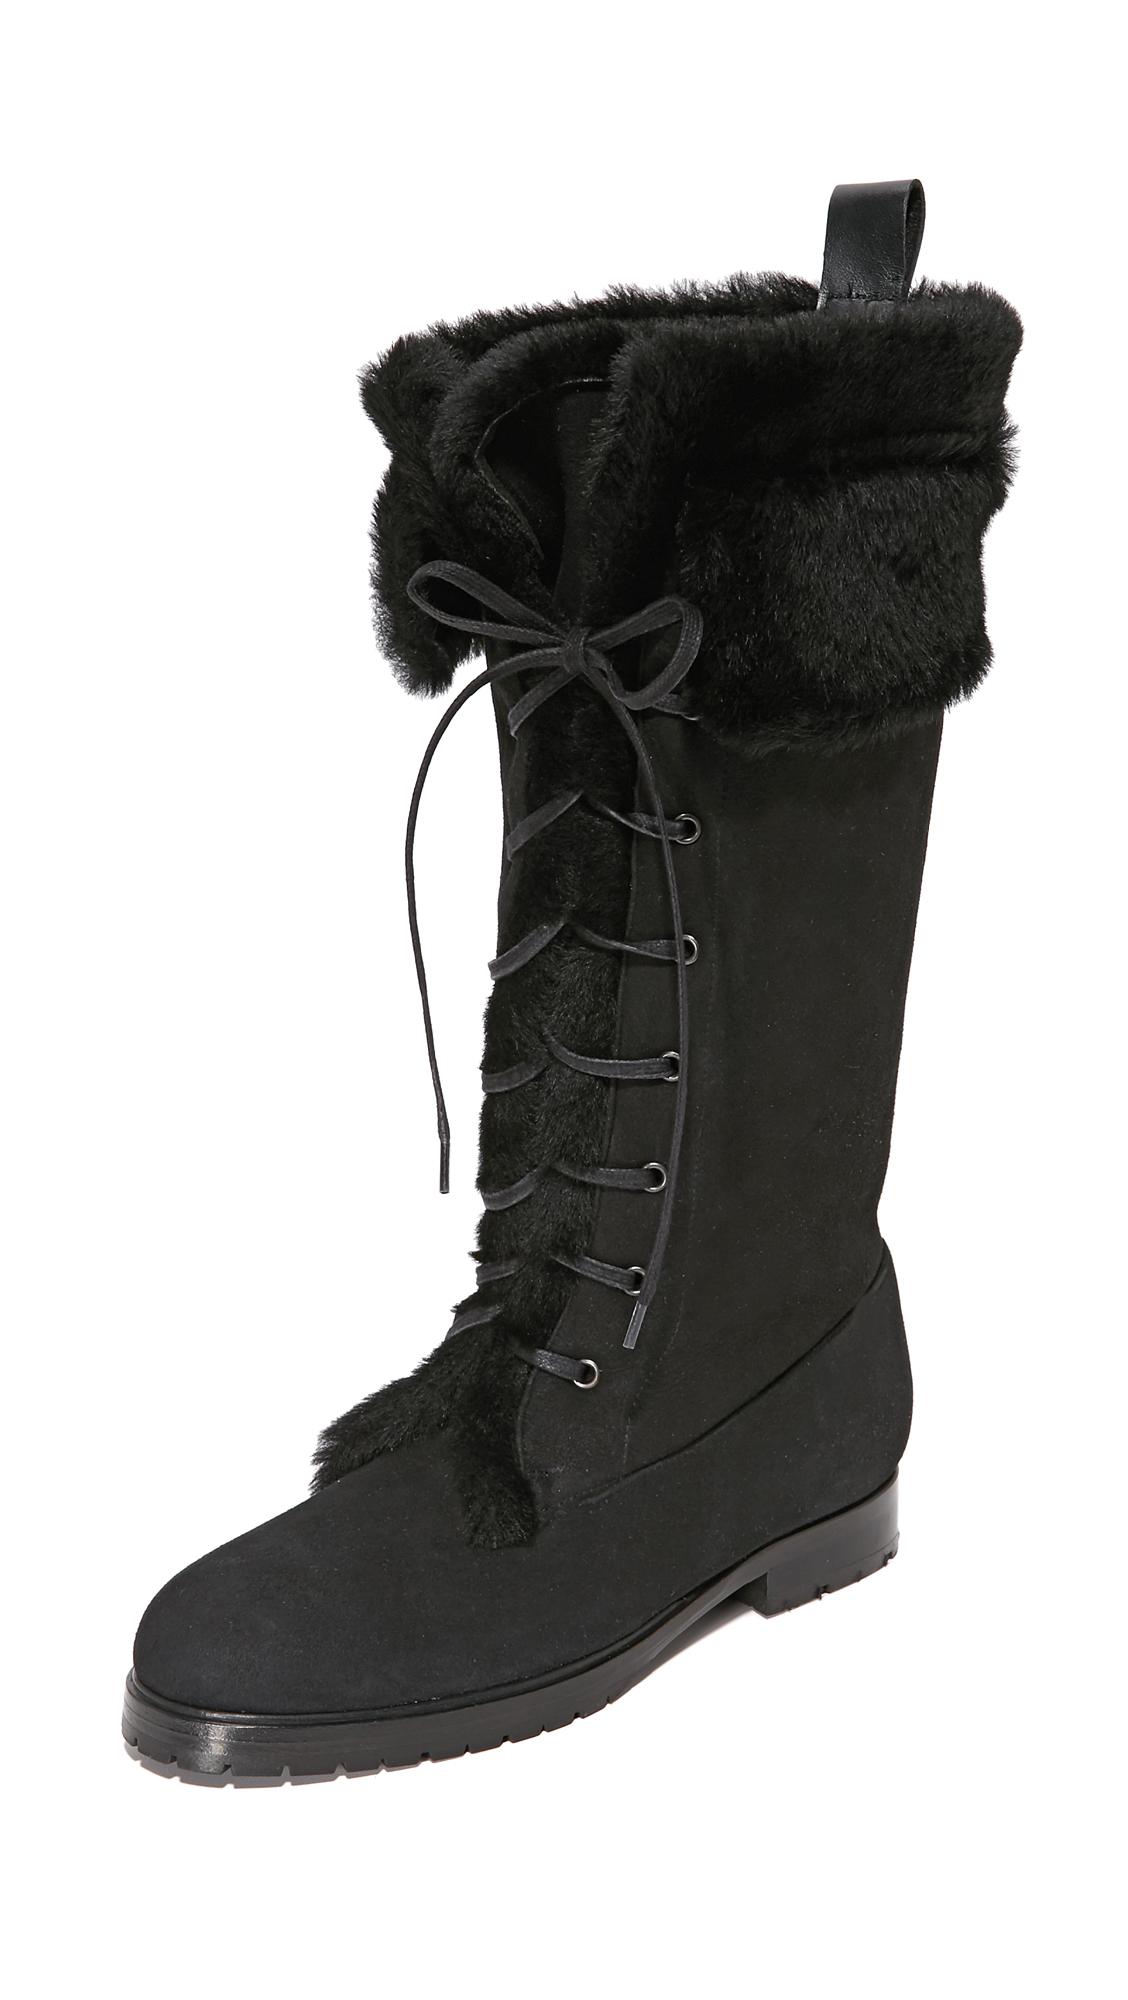 Sarah Flint Cortina Boots - Black